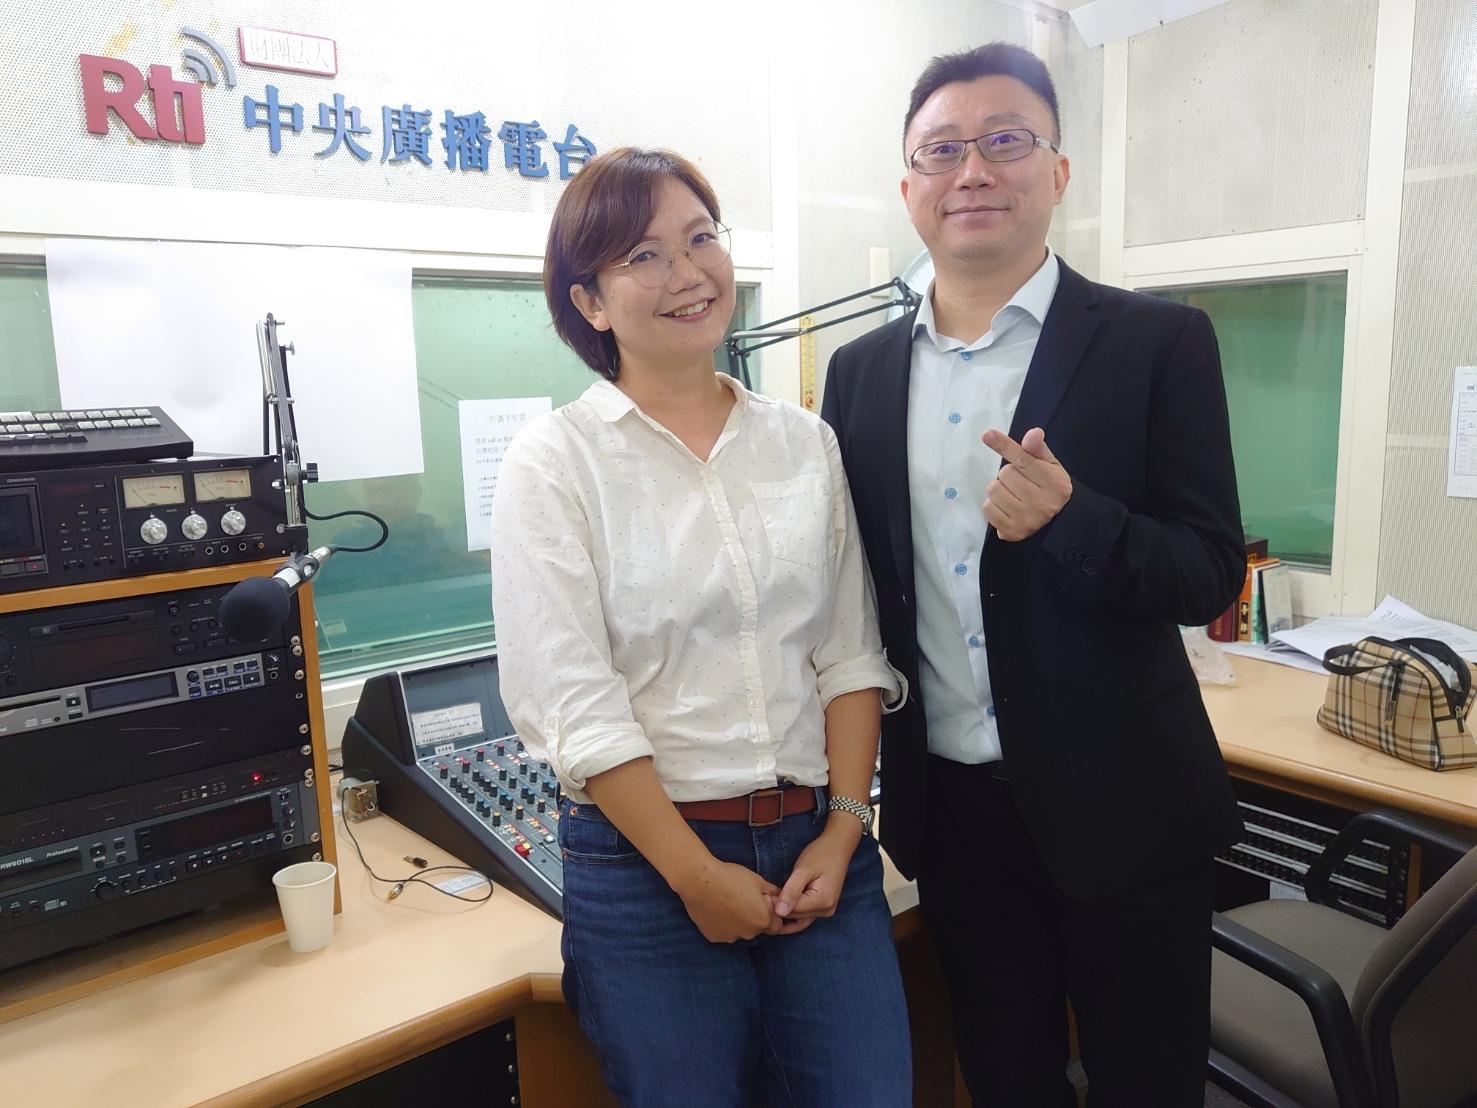 台灣純網路銀行的發展